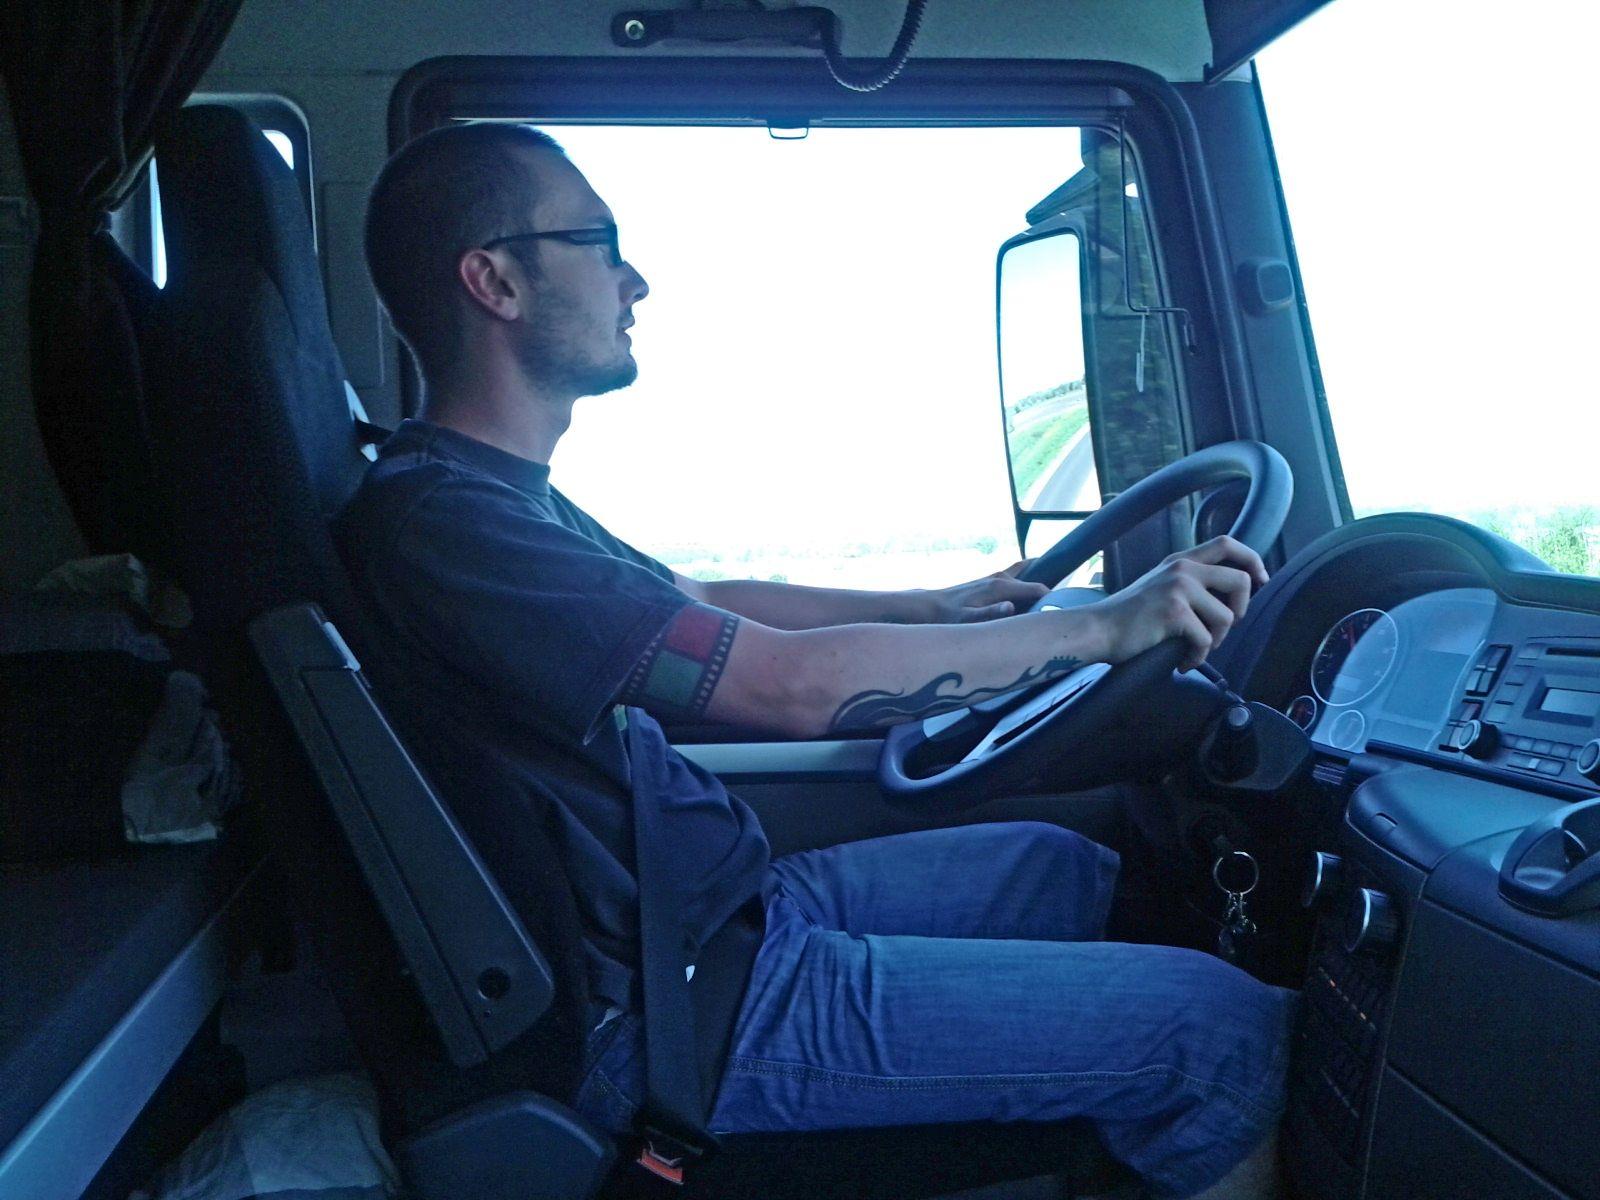 Zmiana pracy na stanowisko kierowcy okazała się nietrafionym wyborem